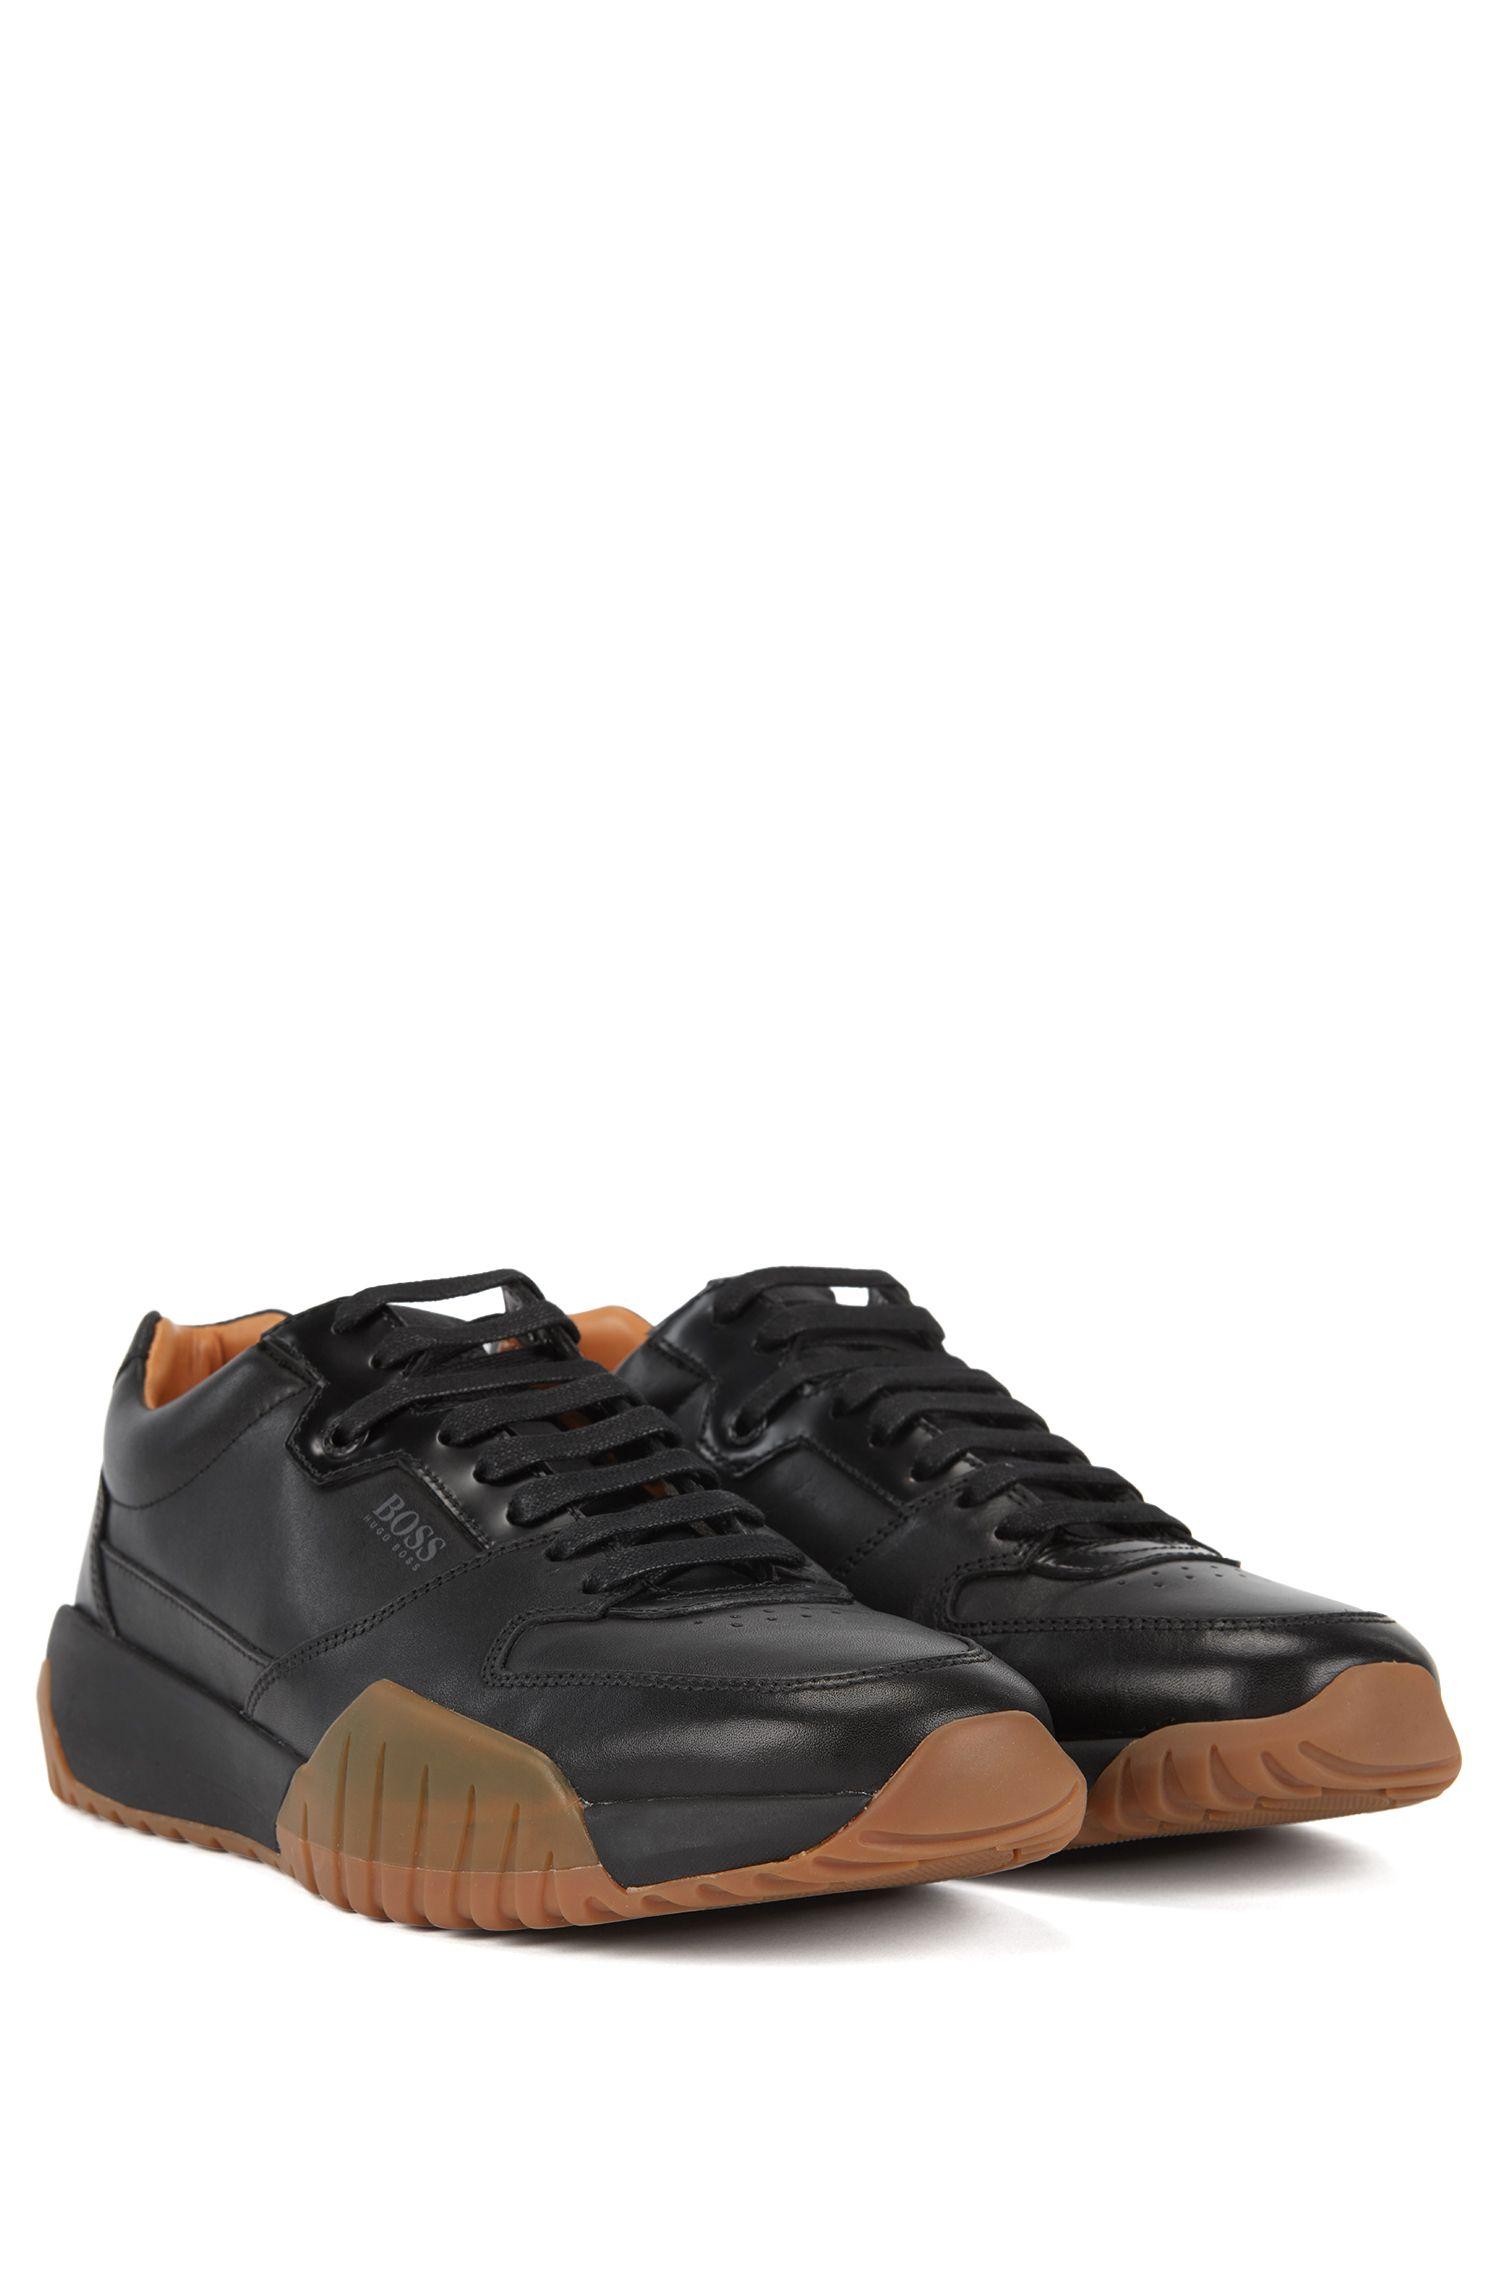 Baskets inspirées des chaussures de course avec tige en cuir de veau, Noir